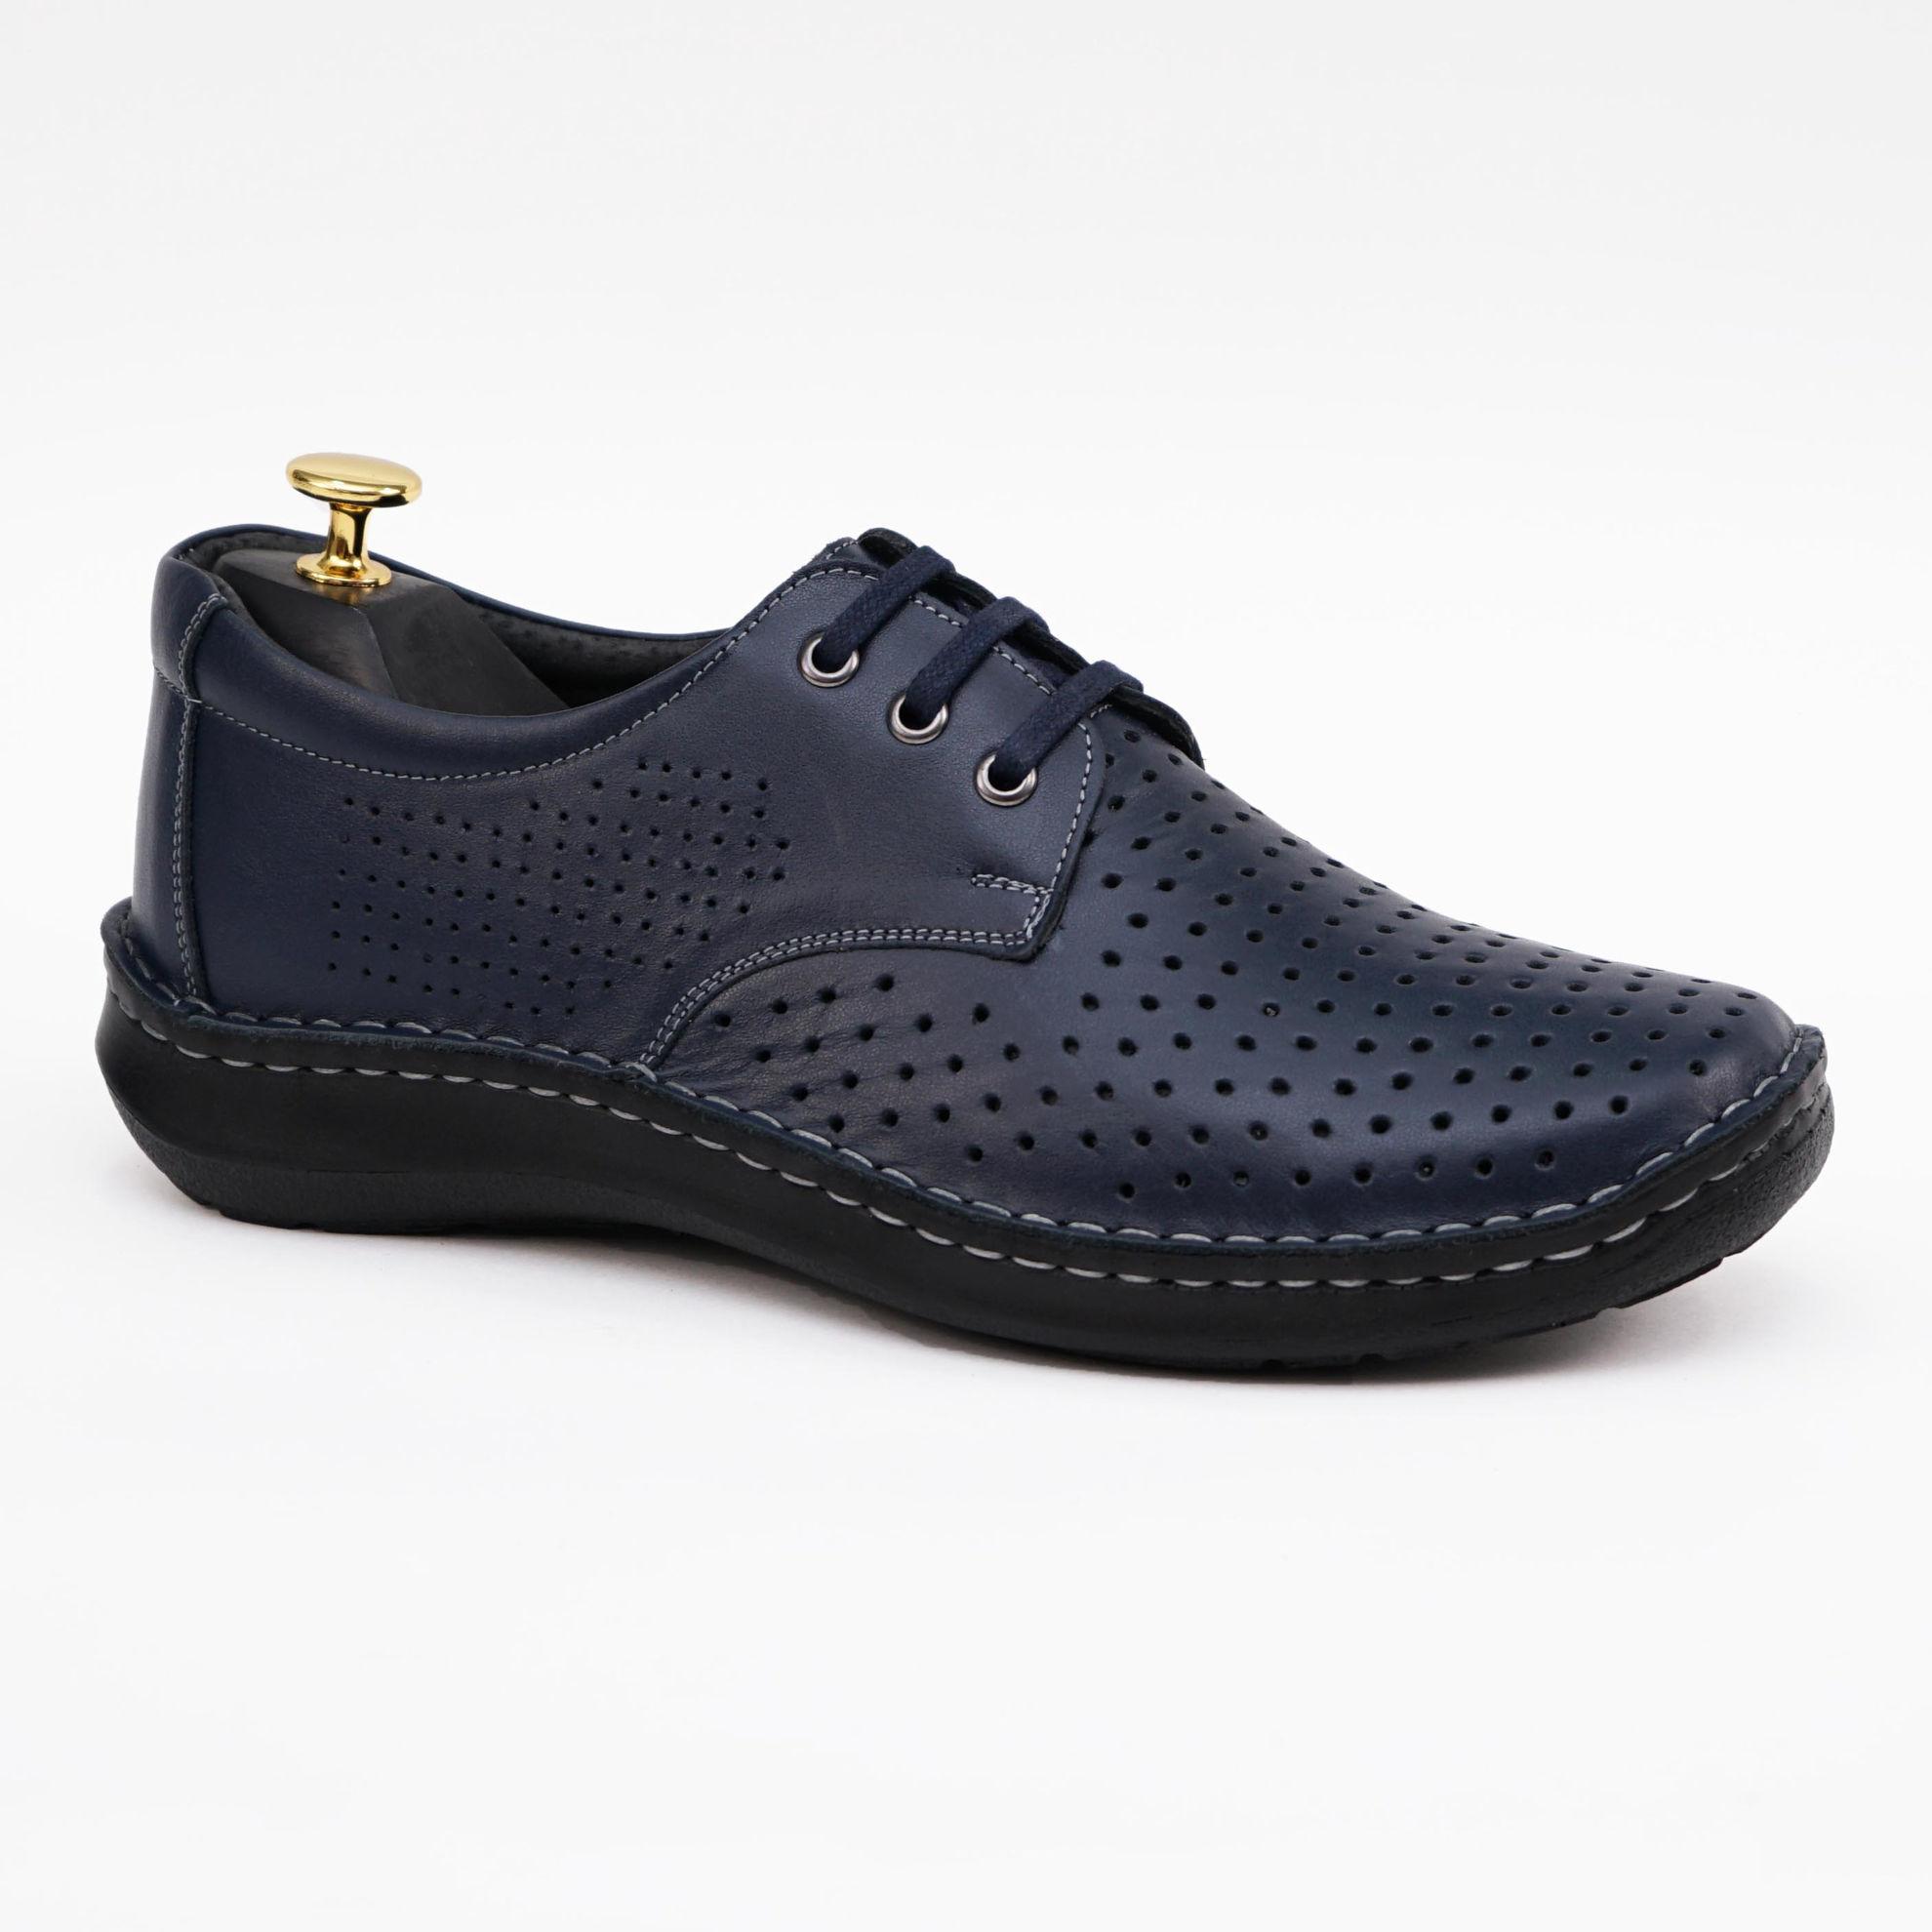 Imagine Pantofi casual bărbați piele naturală Dov bleumarin